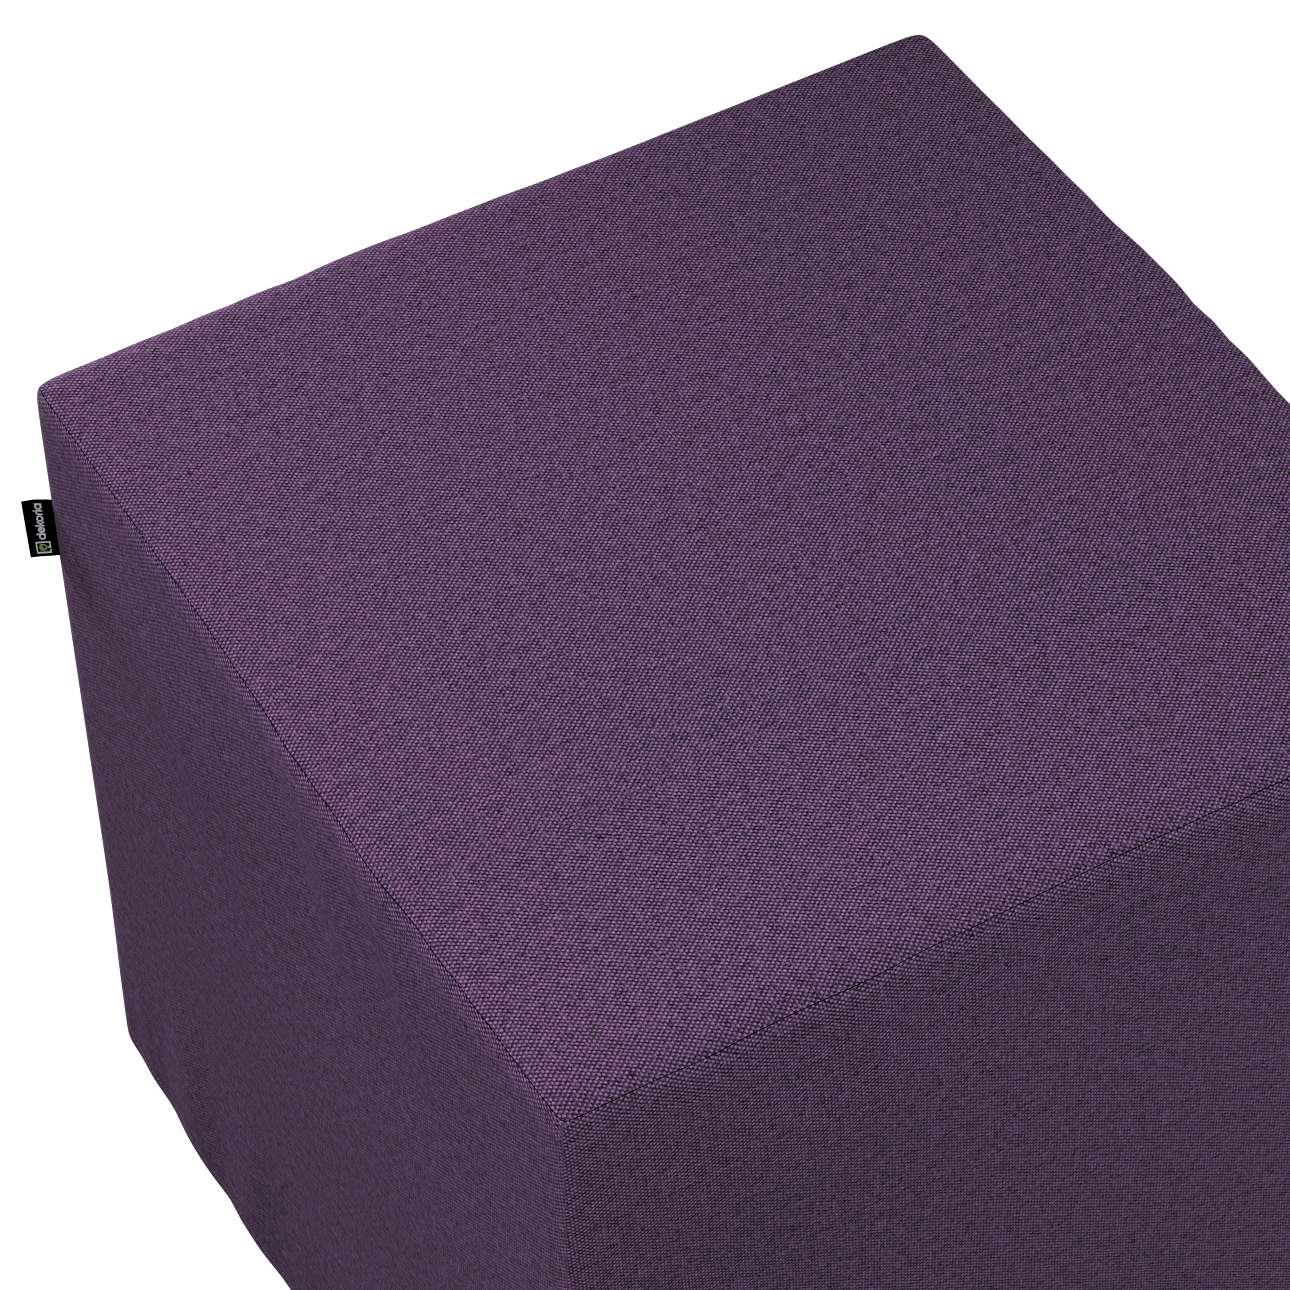 Pufa kostka w kolekcji Etna, tkanina: 161-27